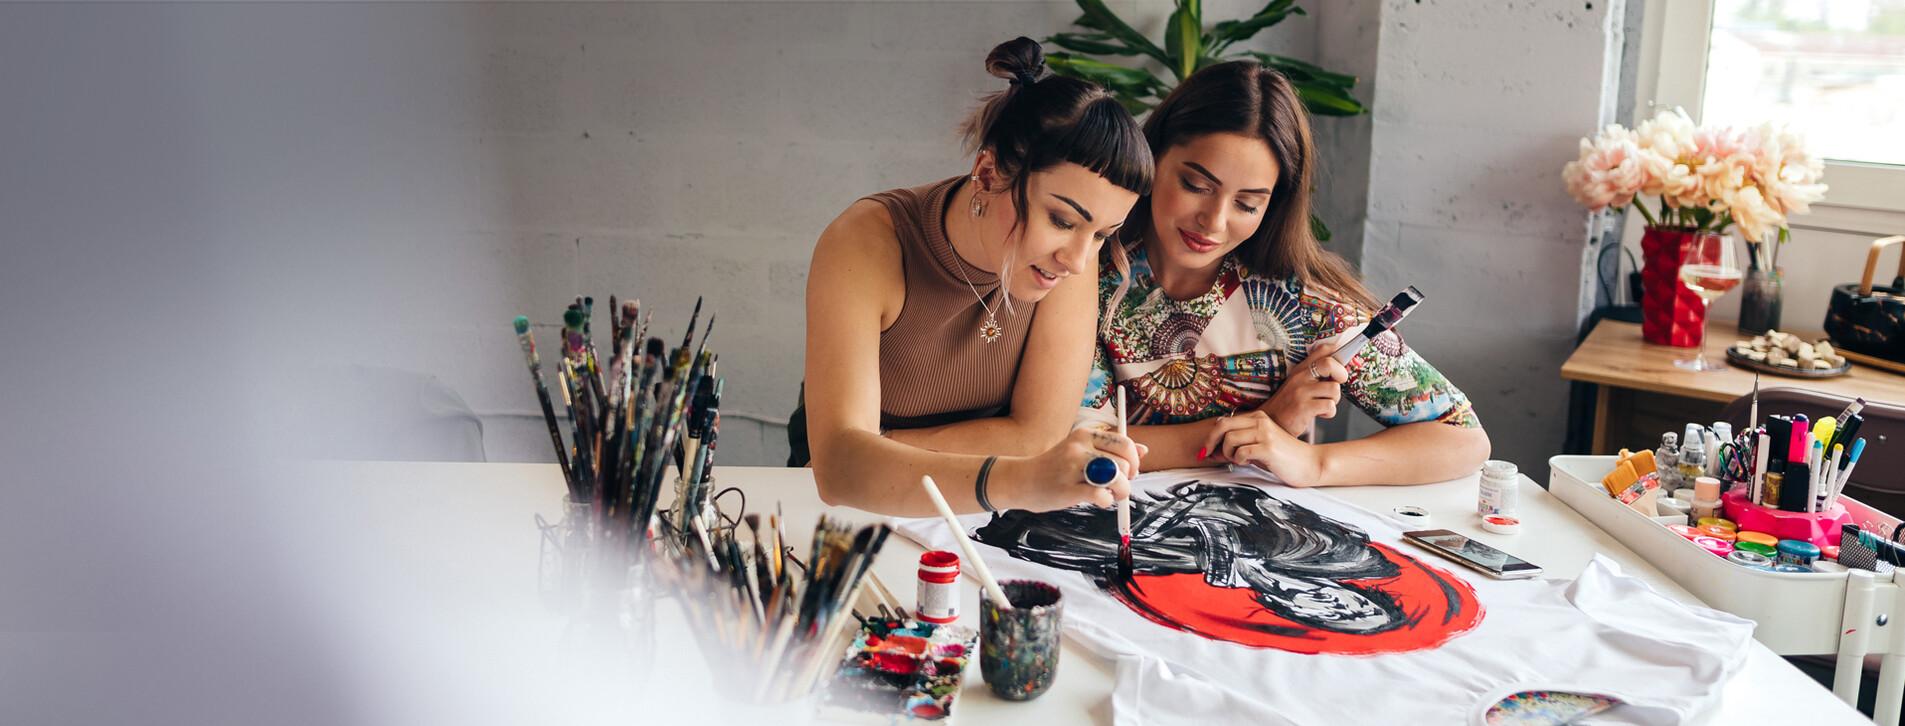 Фото 1 - Мастер-класс росписи одежды для двоих